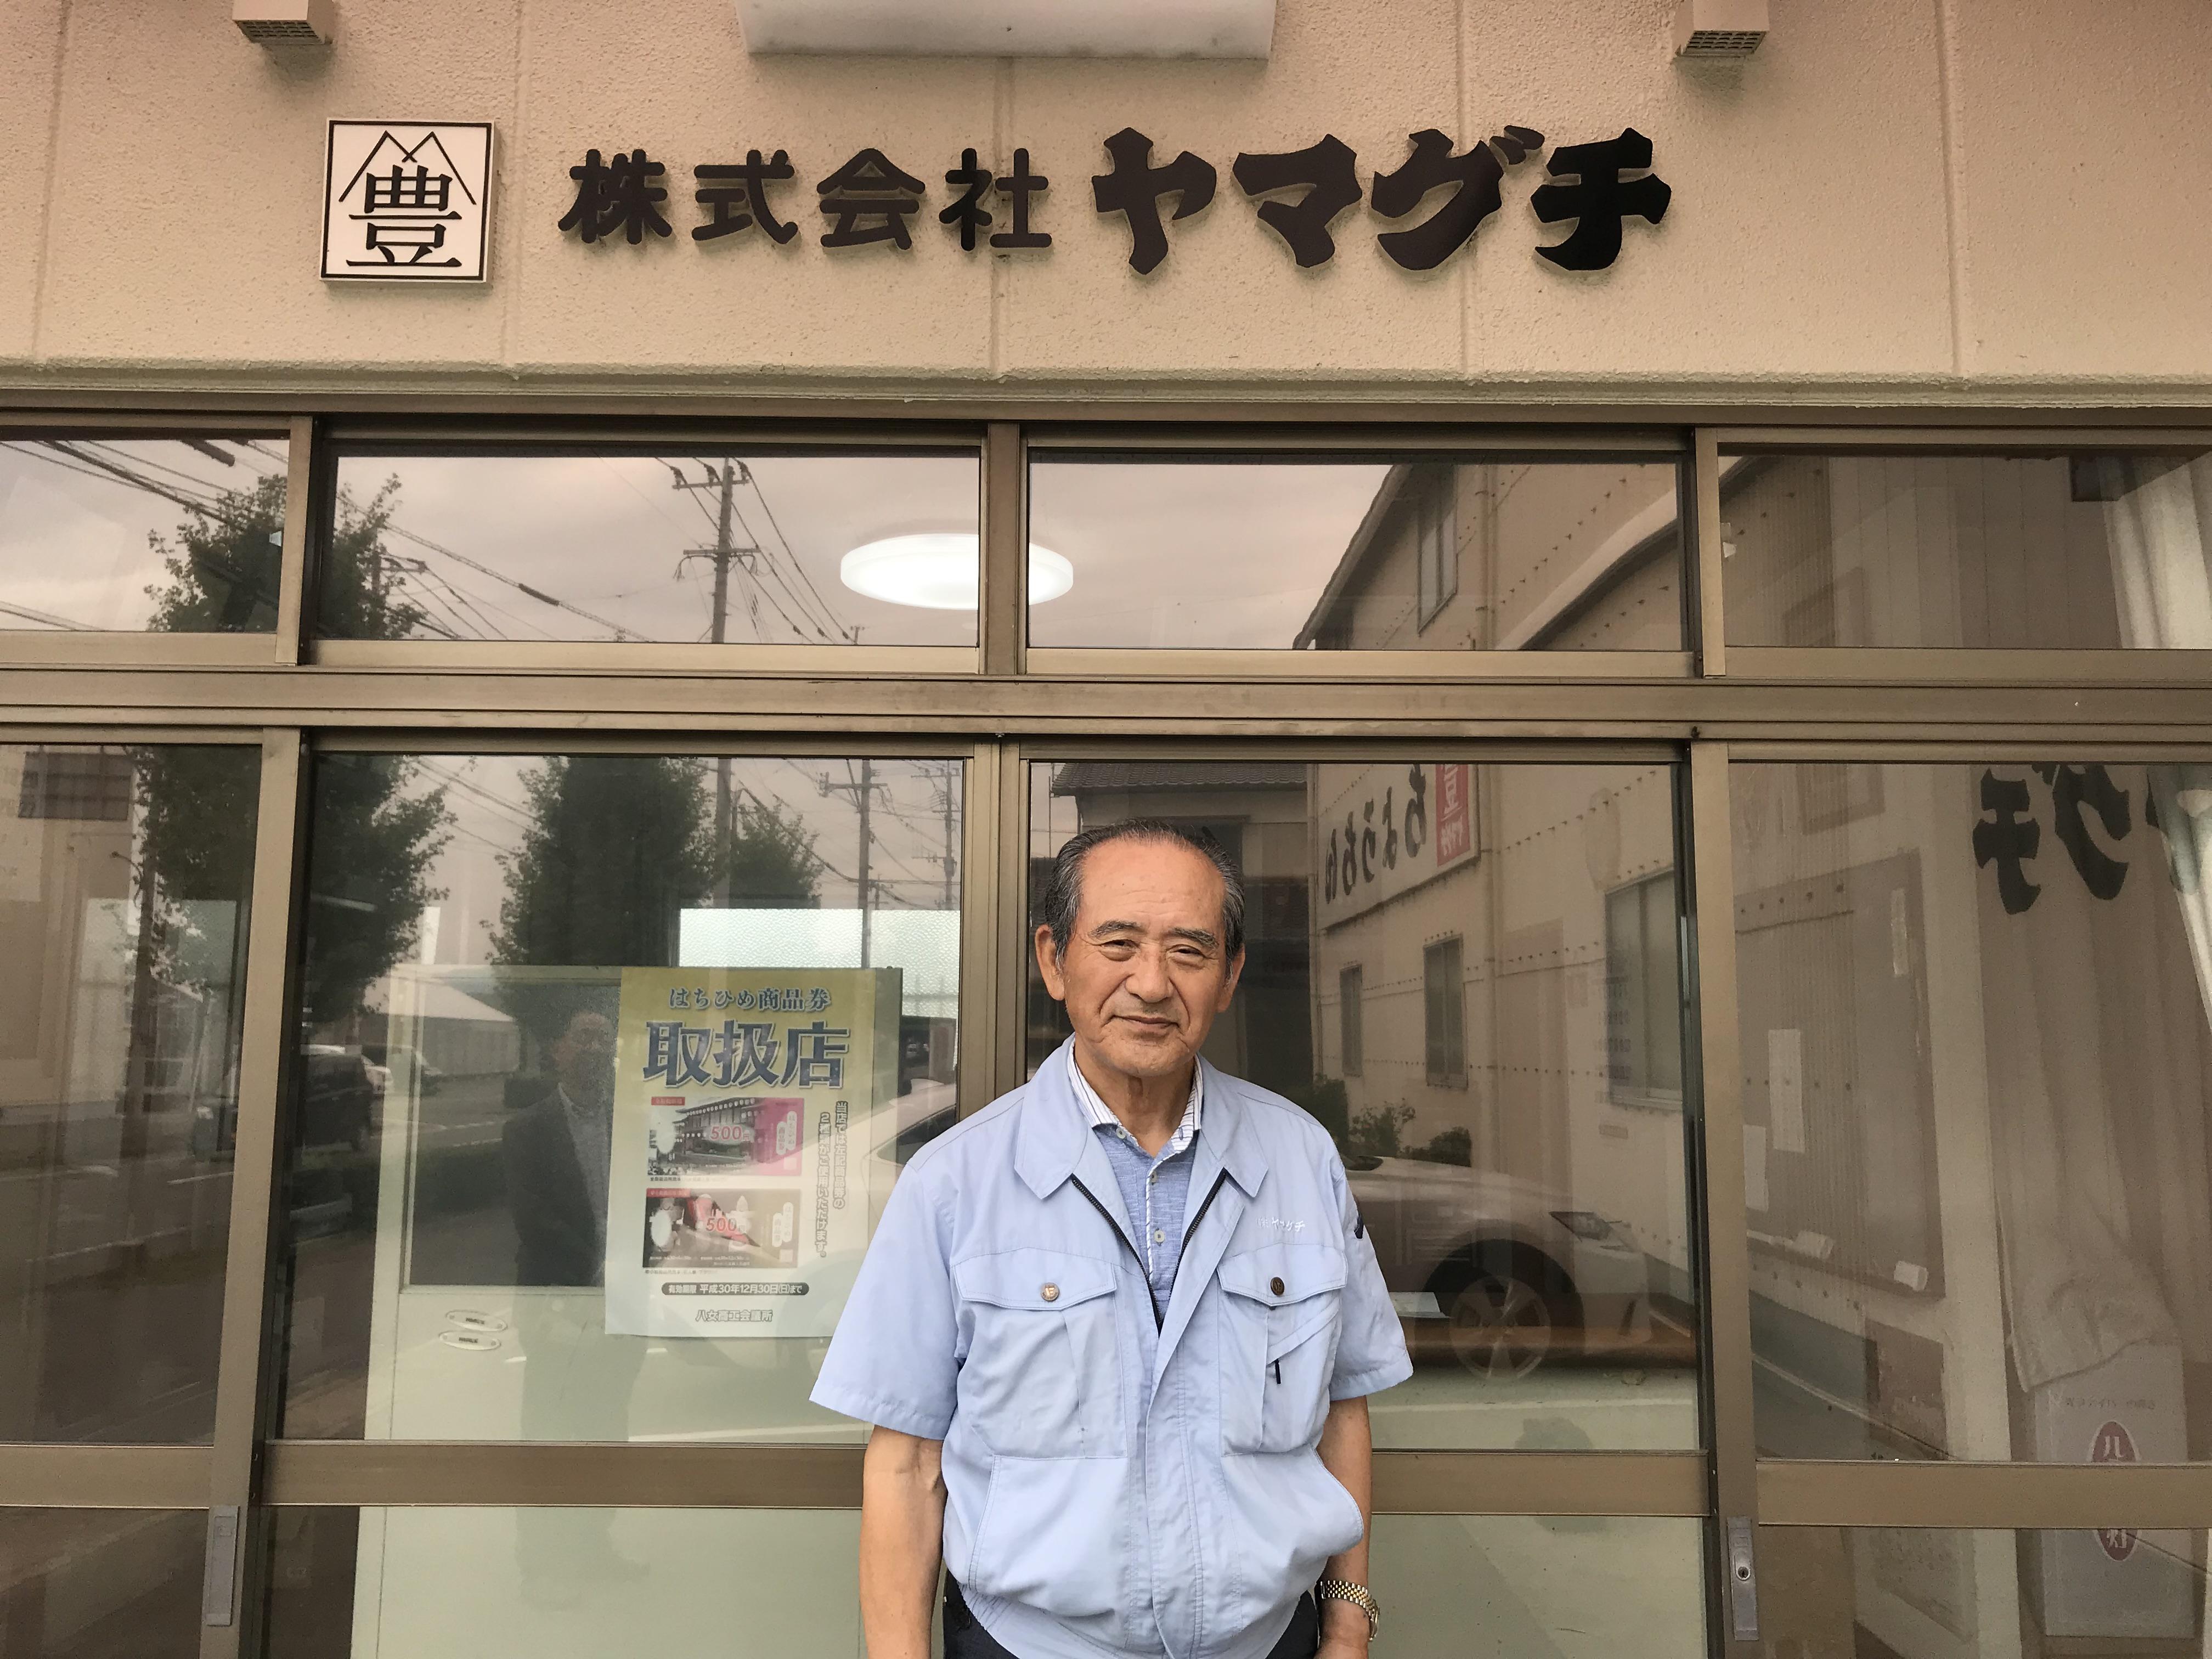 yamaguchi-noboru1